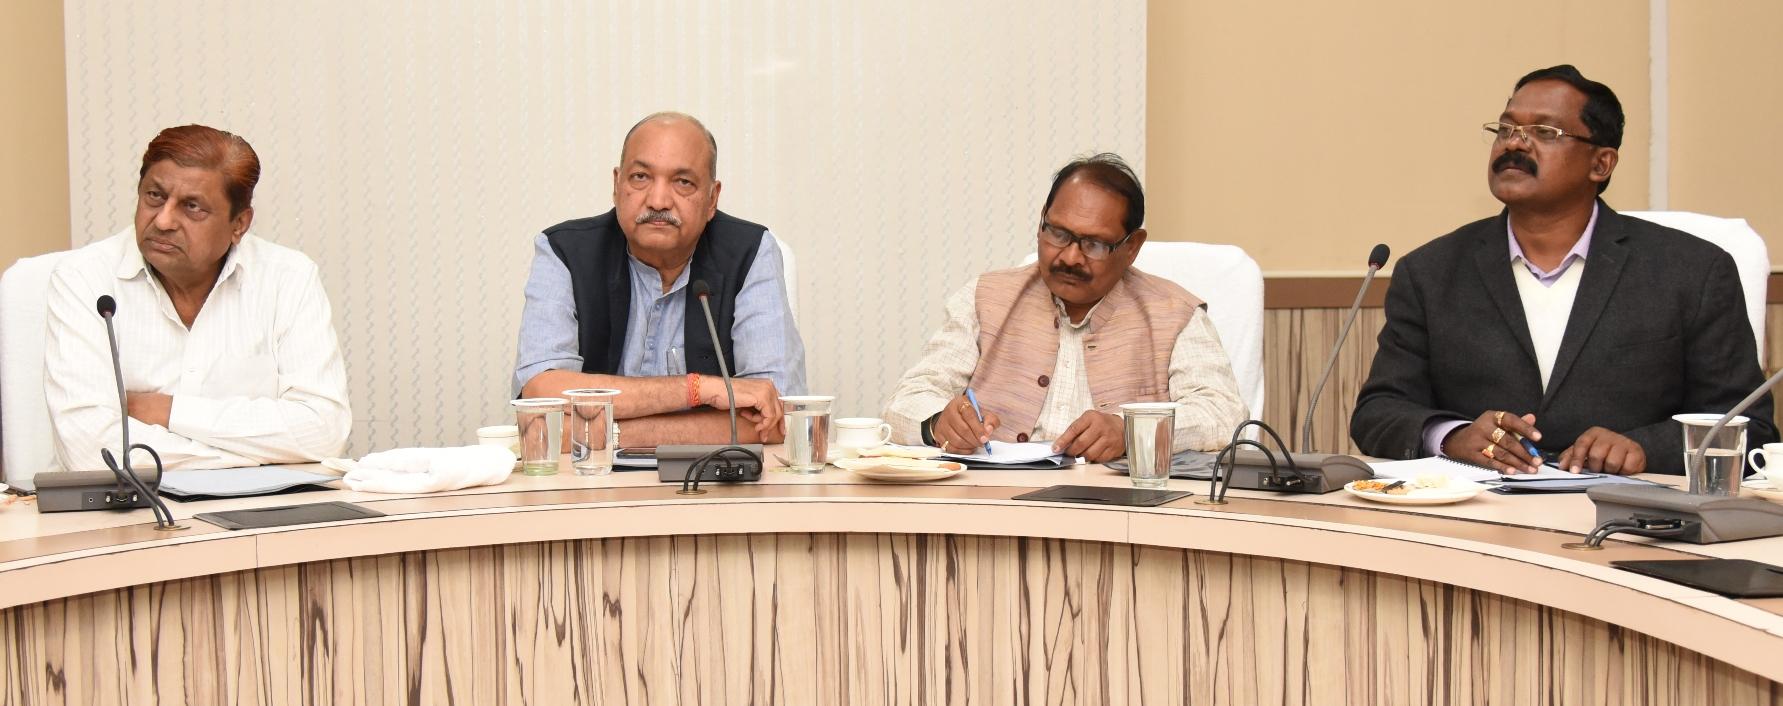 किसानों को धान खरीदी की बकाया राशि दिलाने  संबंधी मंत्री मण्डलीय उप समिति की बैठक सम्पन्न